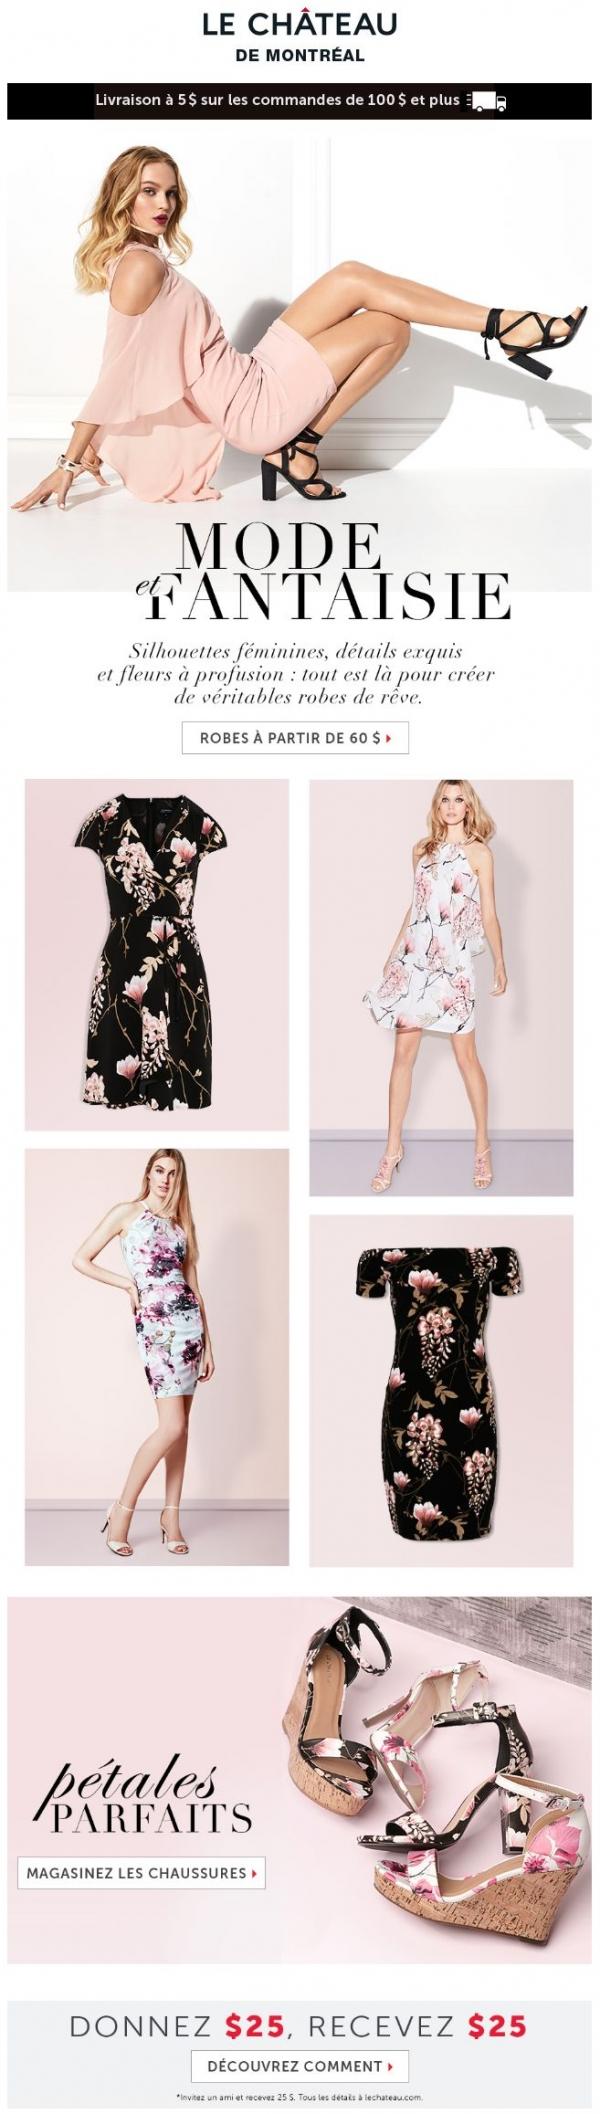 Les Plus Belles Robes Du Printemps Promotions Rabais